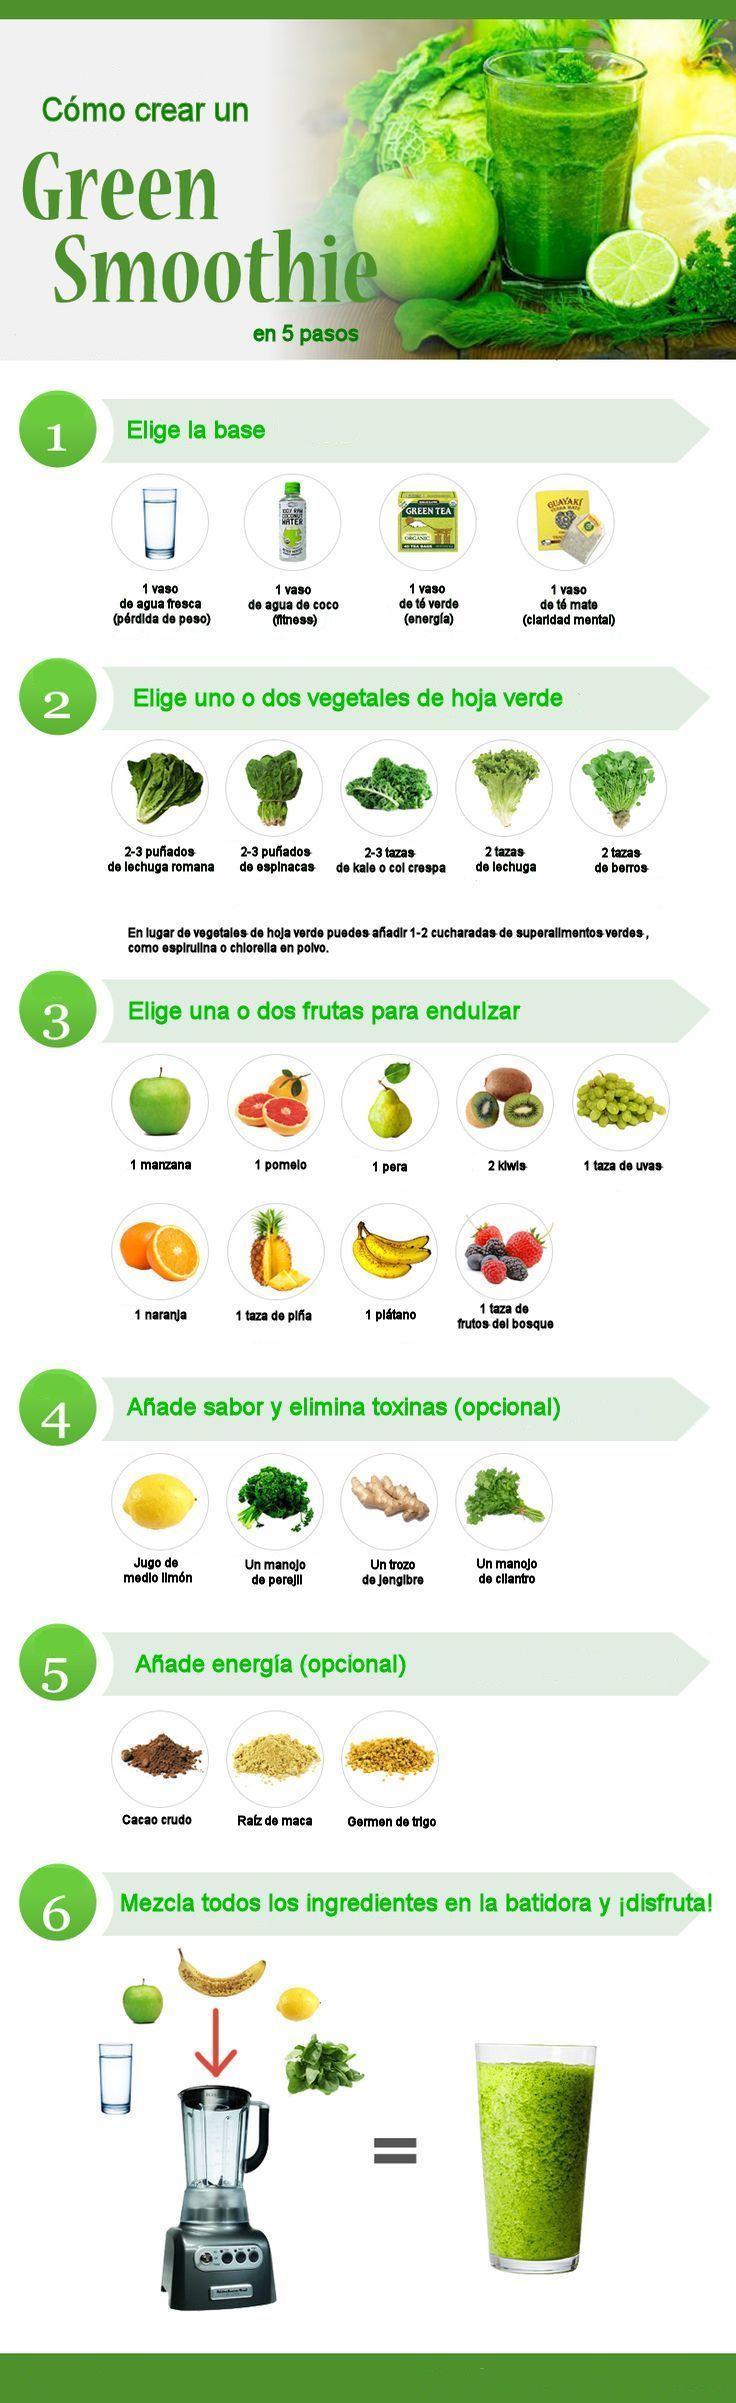 Batidos verdes - salud en un vaso.No hay nada mejor que comenzar la mañana con un delicioso y nutritivo batido o jugo verde que te dará s...